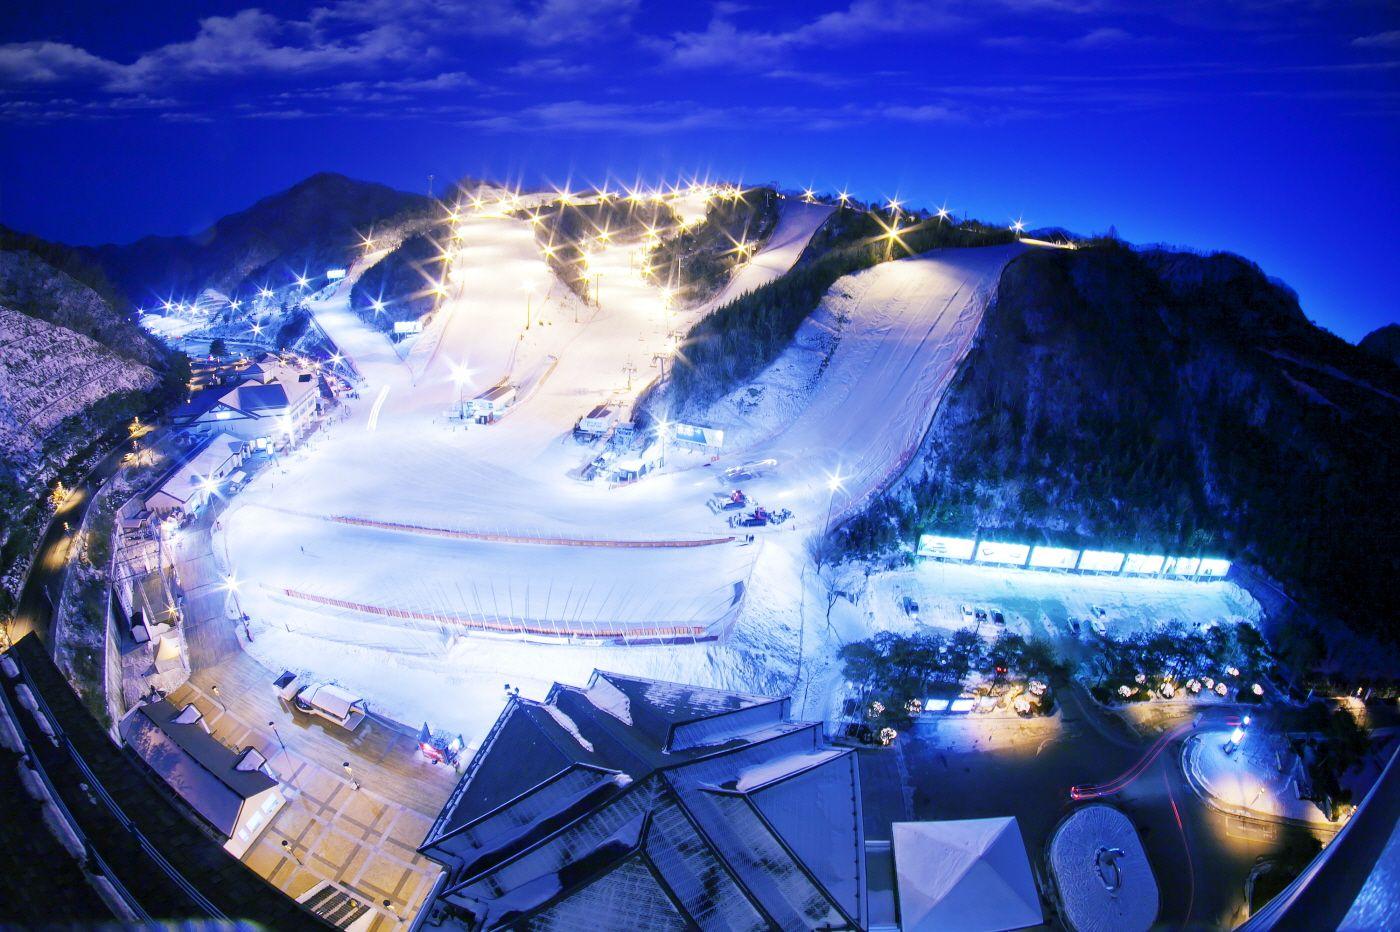 (冬季) 南怡島 + 伊利希安江村滑雪度假村一日游 - 케이투어스토리